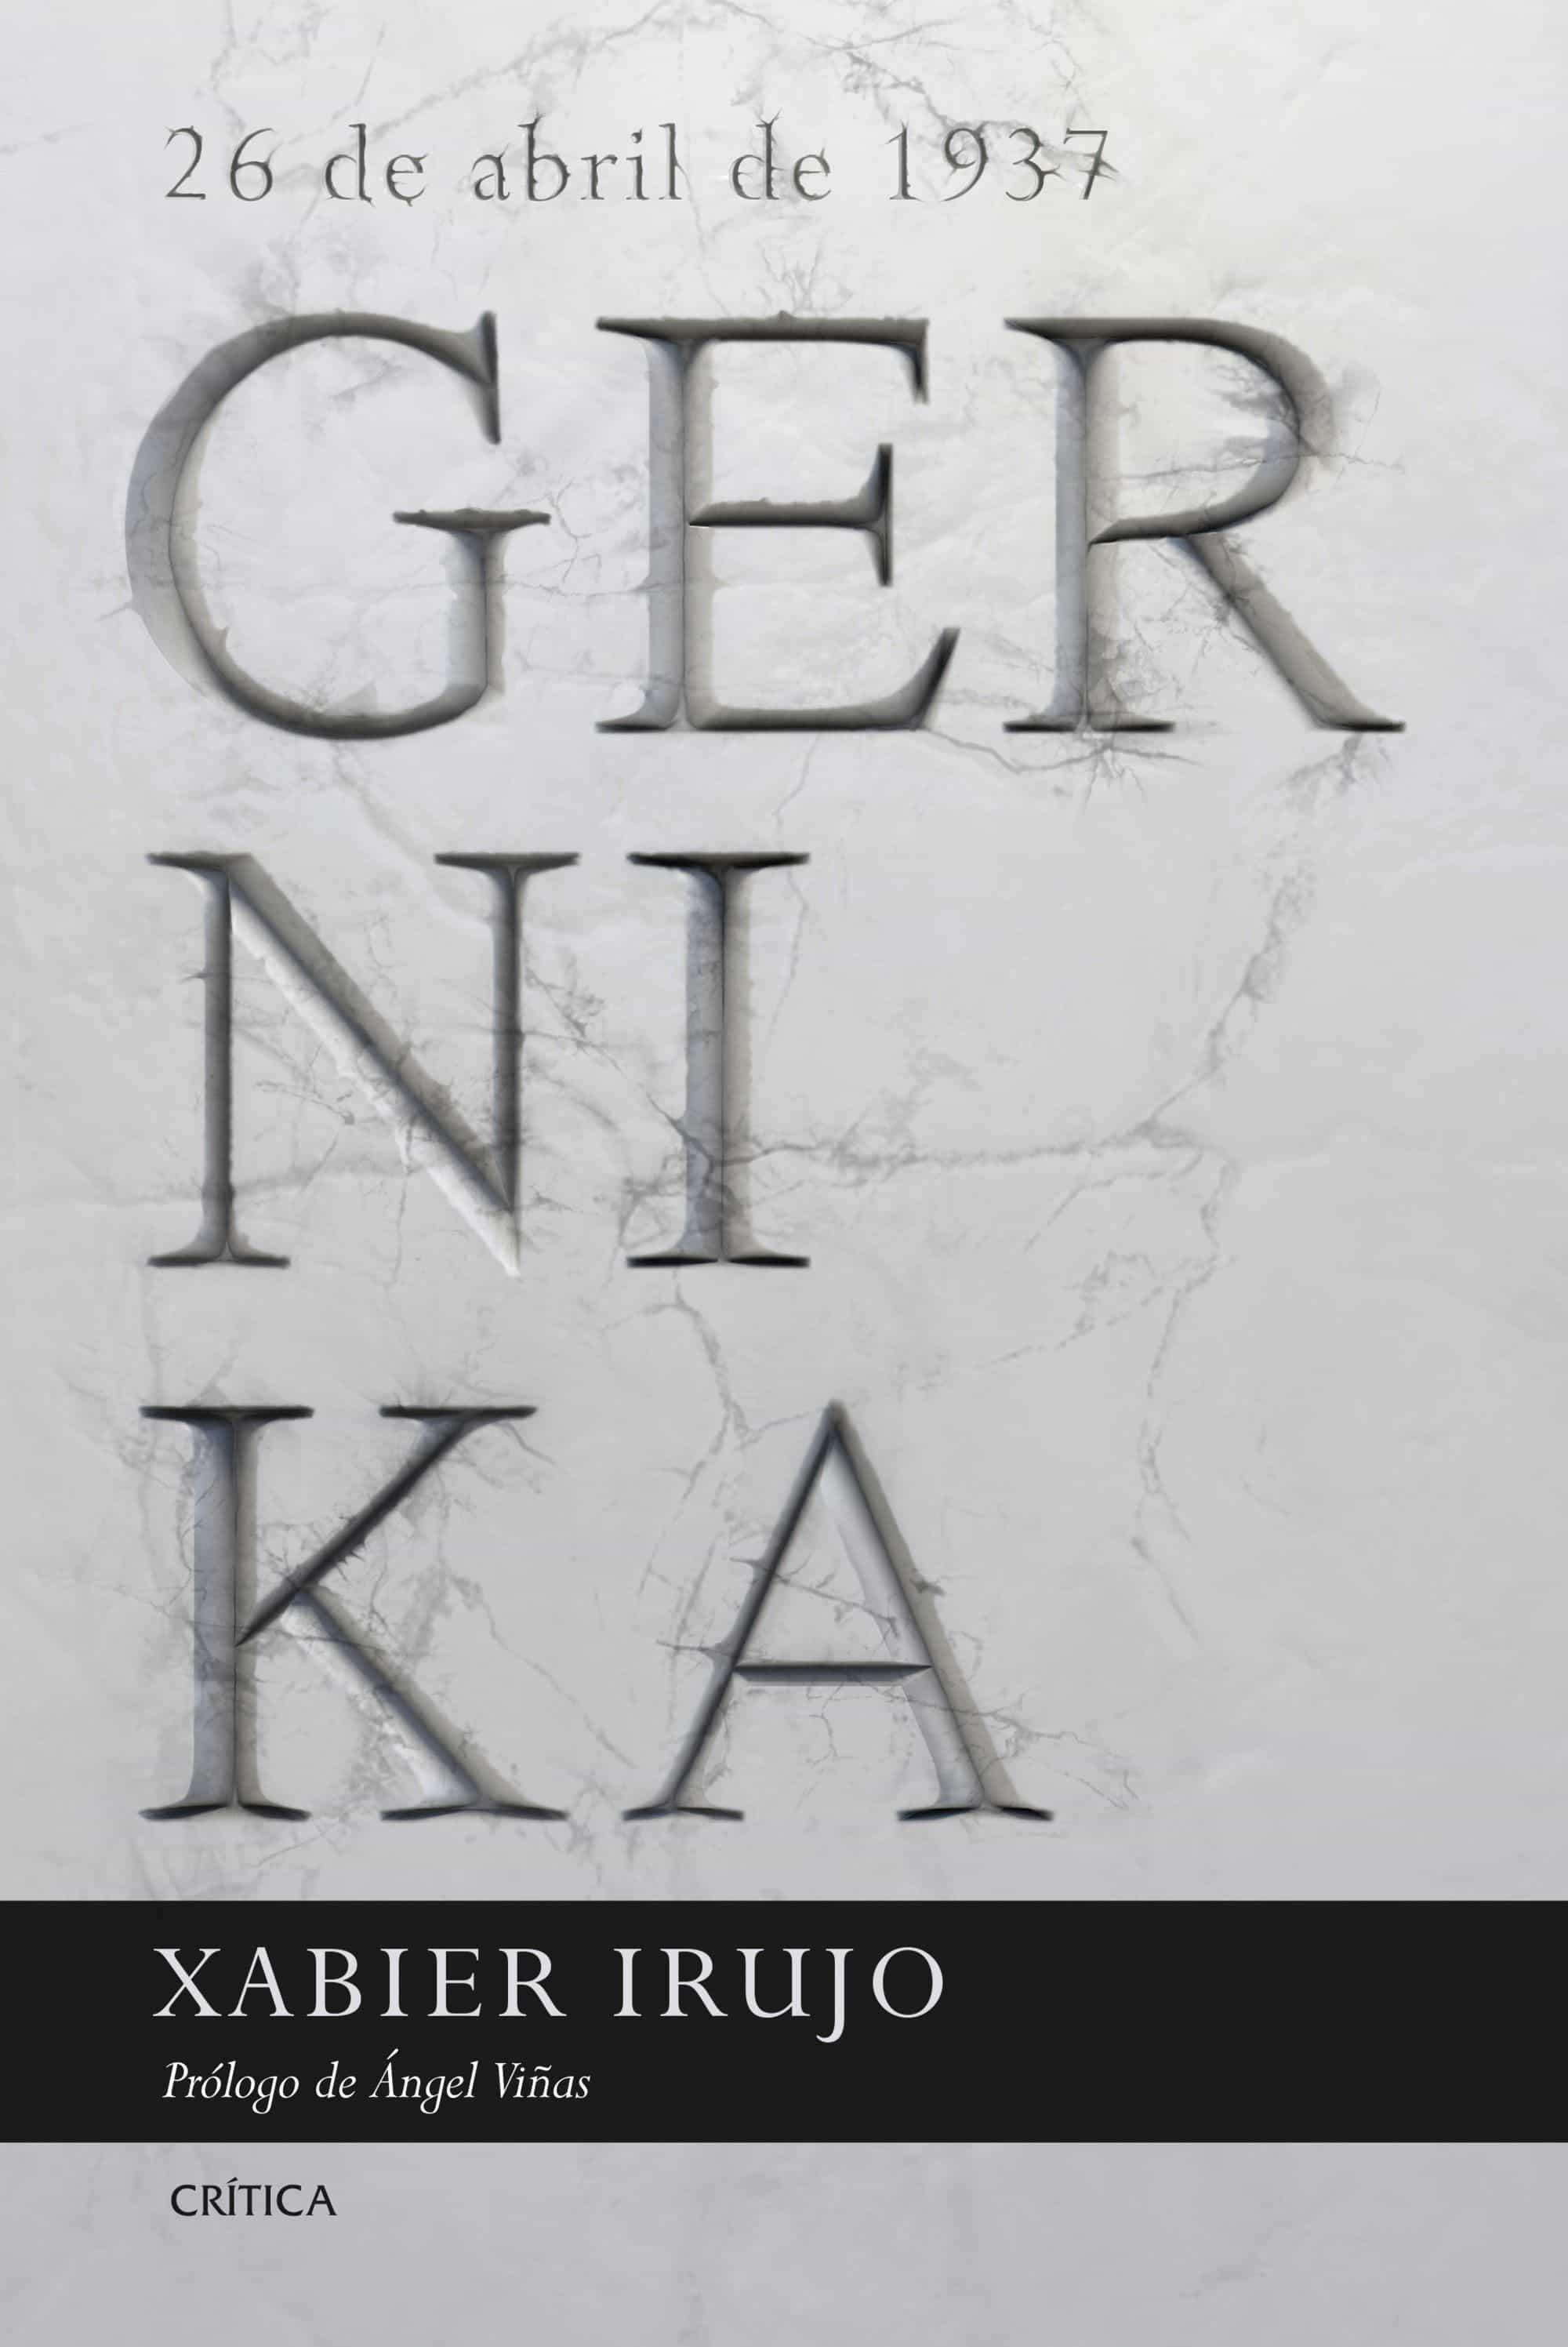 Gernika por Xabier Irujo